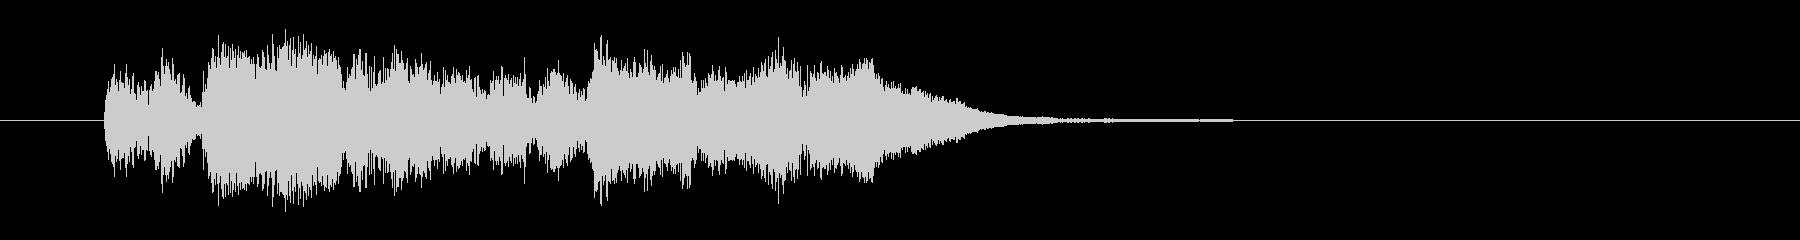 勢いと華やかなシンセサイザーサウンド短めの未再生の波形